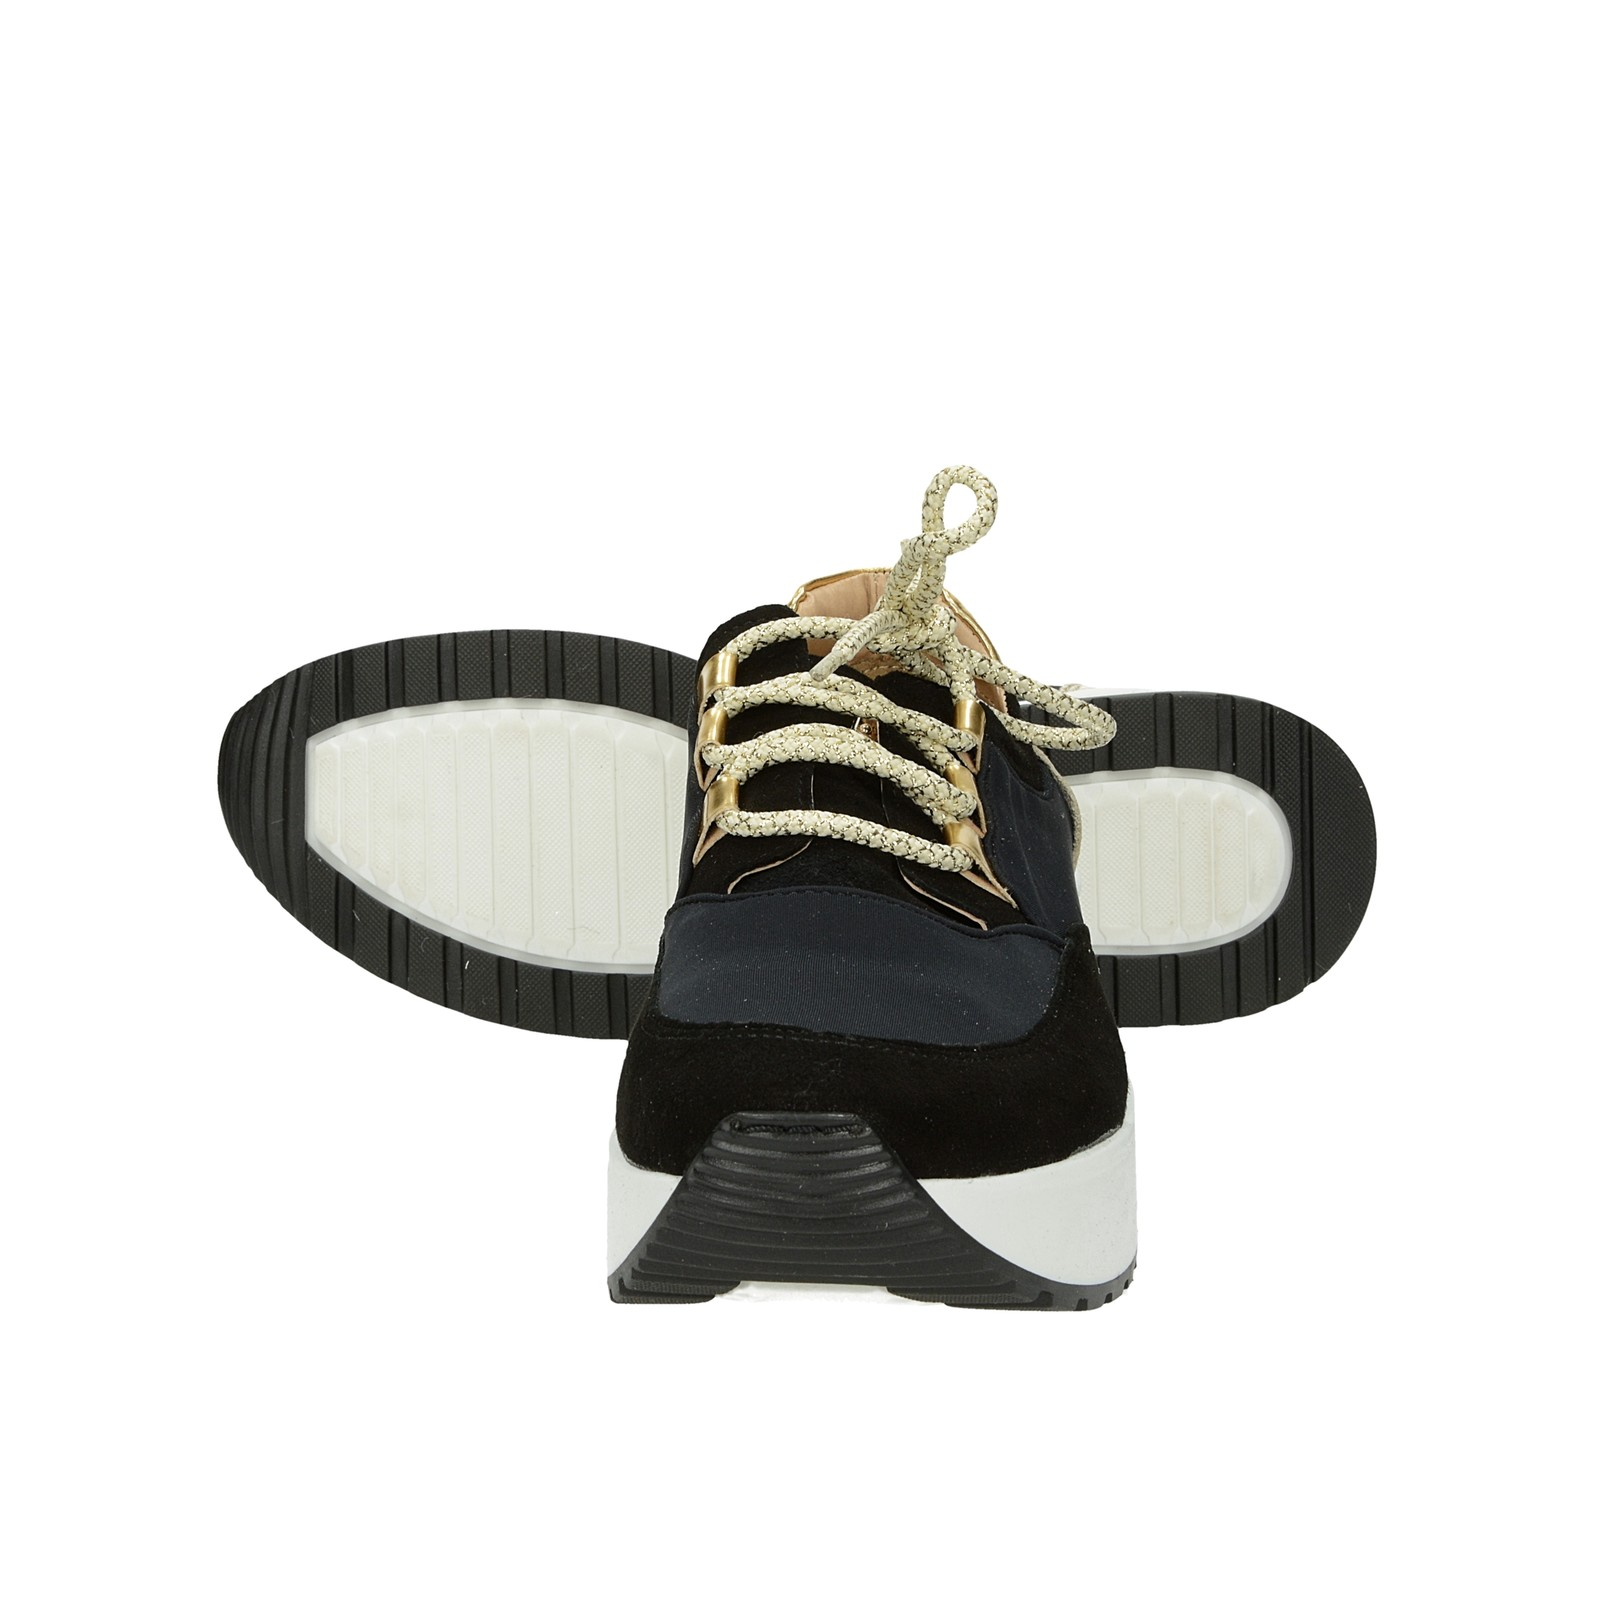 Olivia shoes dámske kožené tenisky na podpatku - čierne